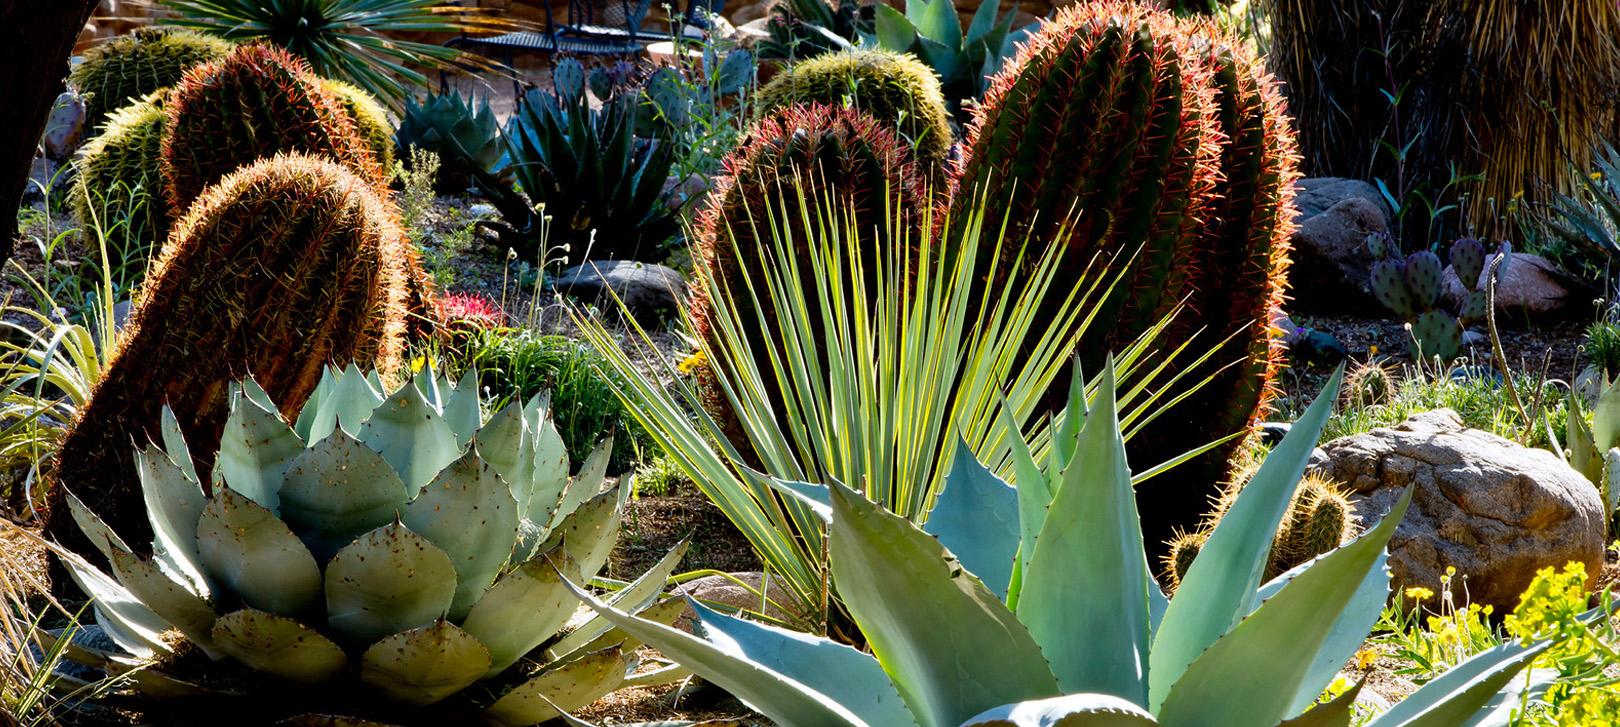 Tips for Designing a Desert Garden